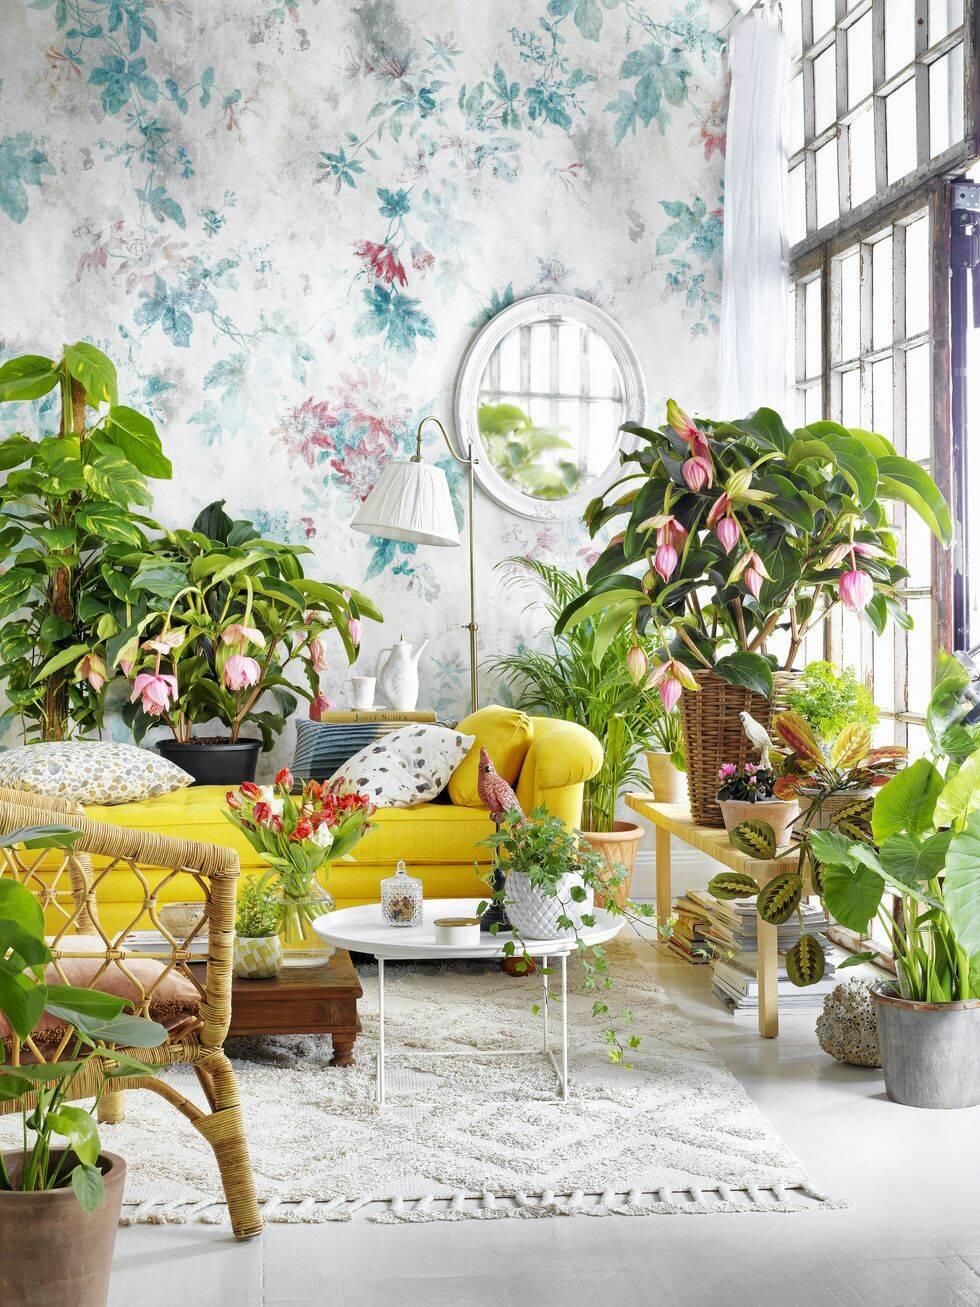 Så här inreder du skönt bohemiskt med växter